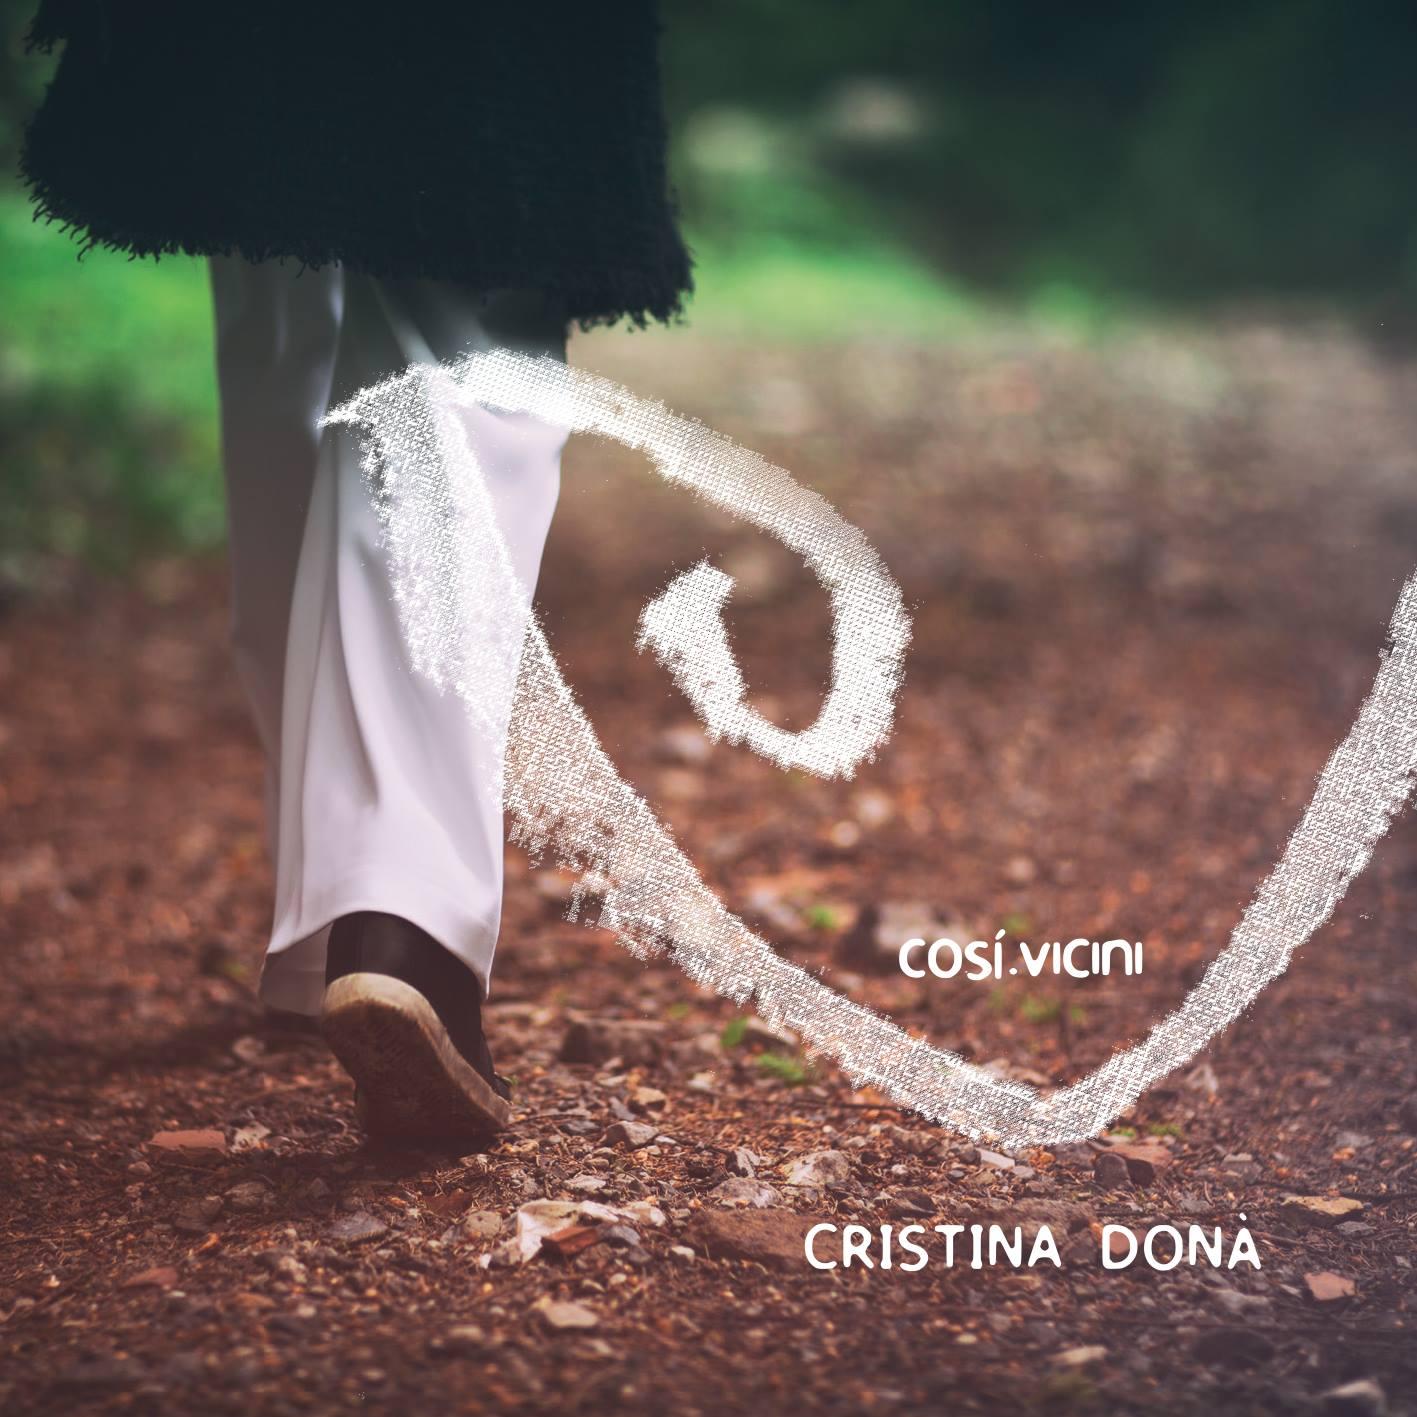 Cristina-Donà-Così-Vicini